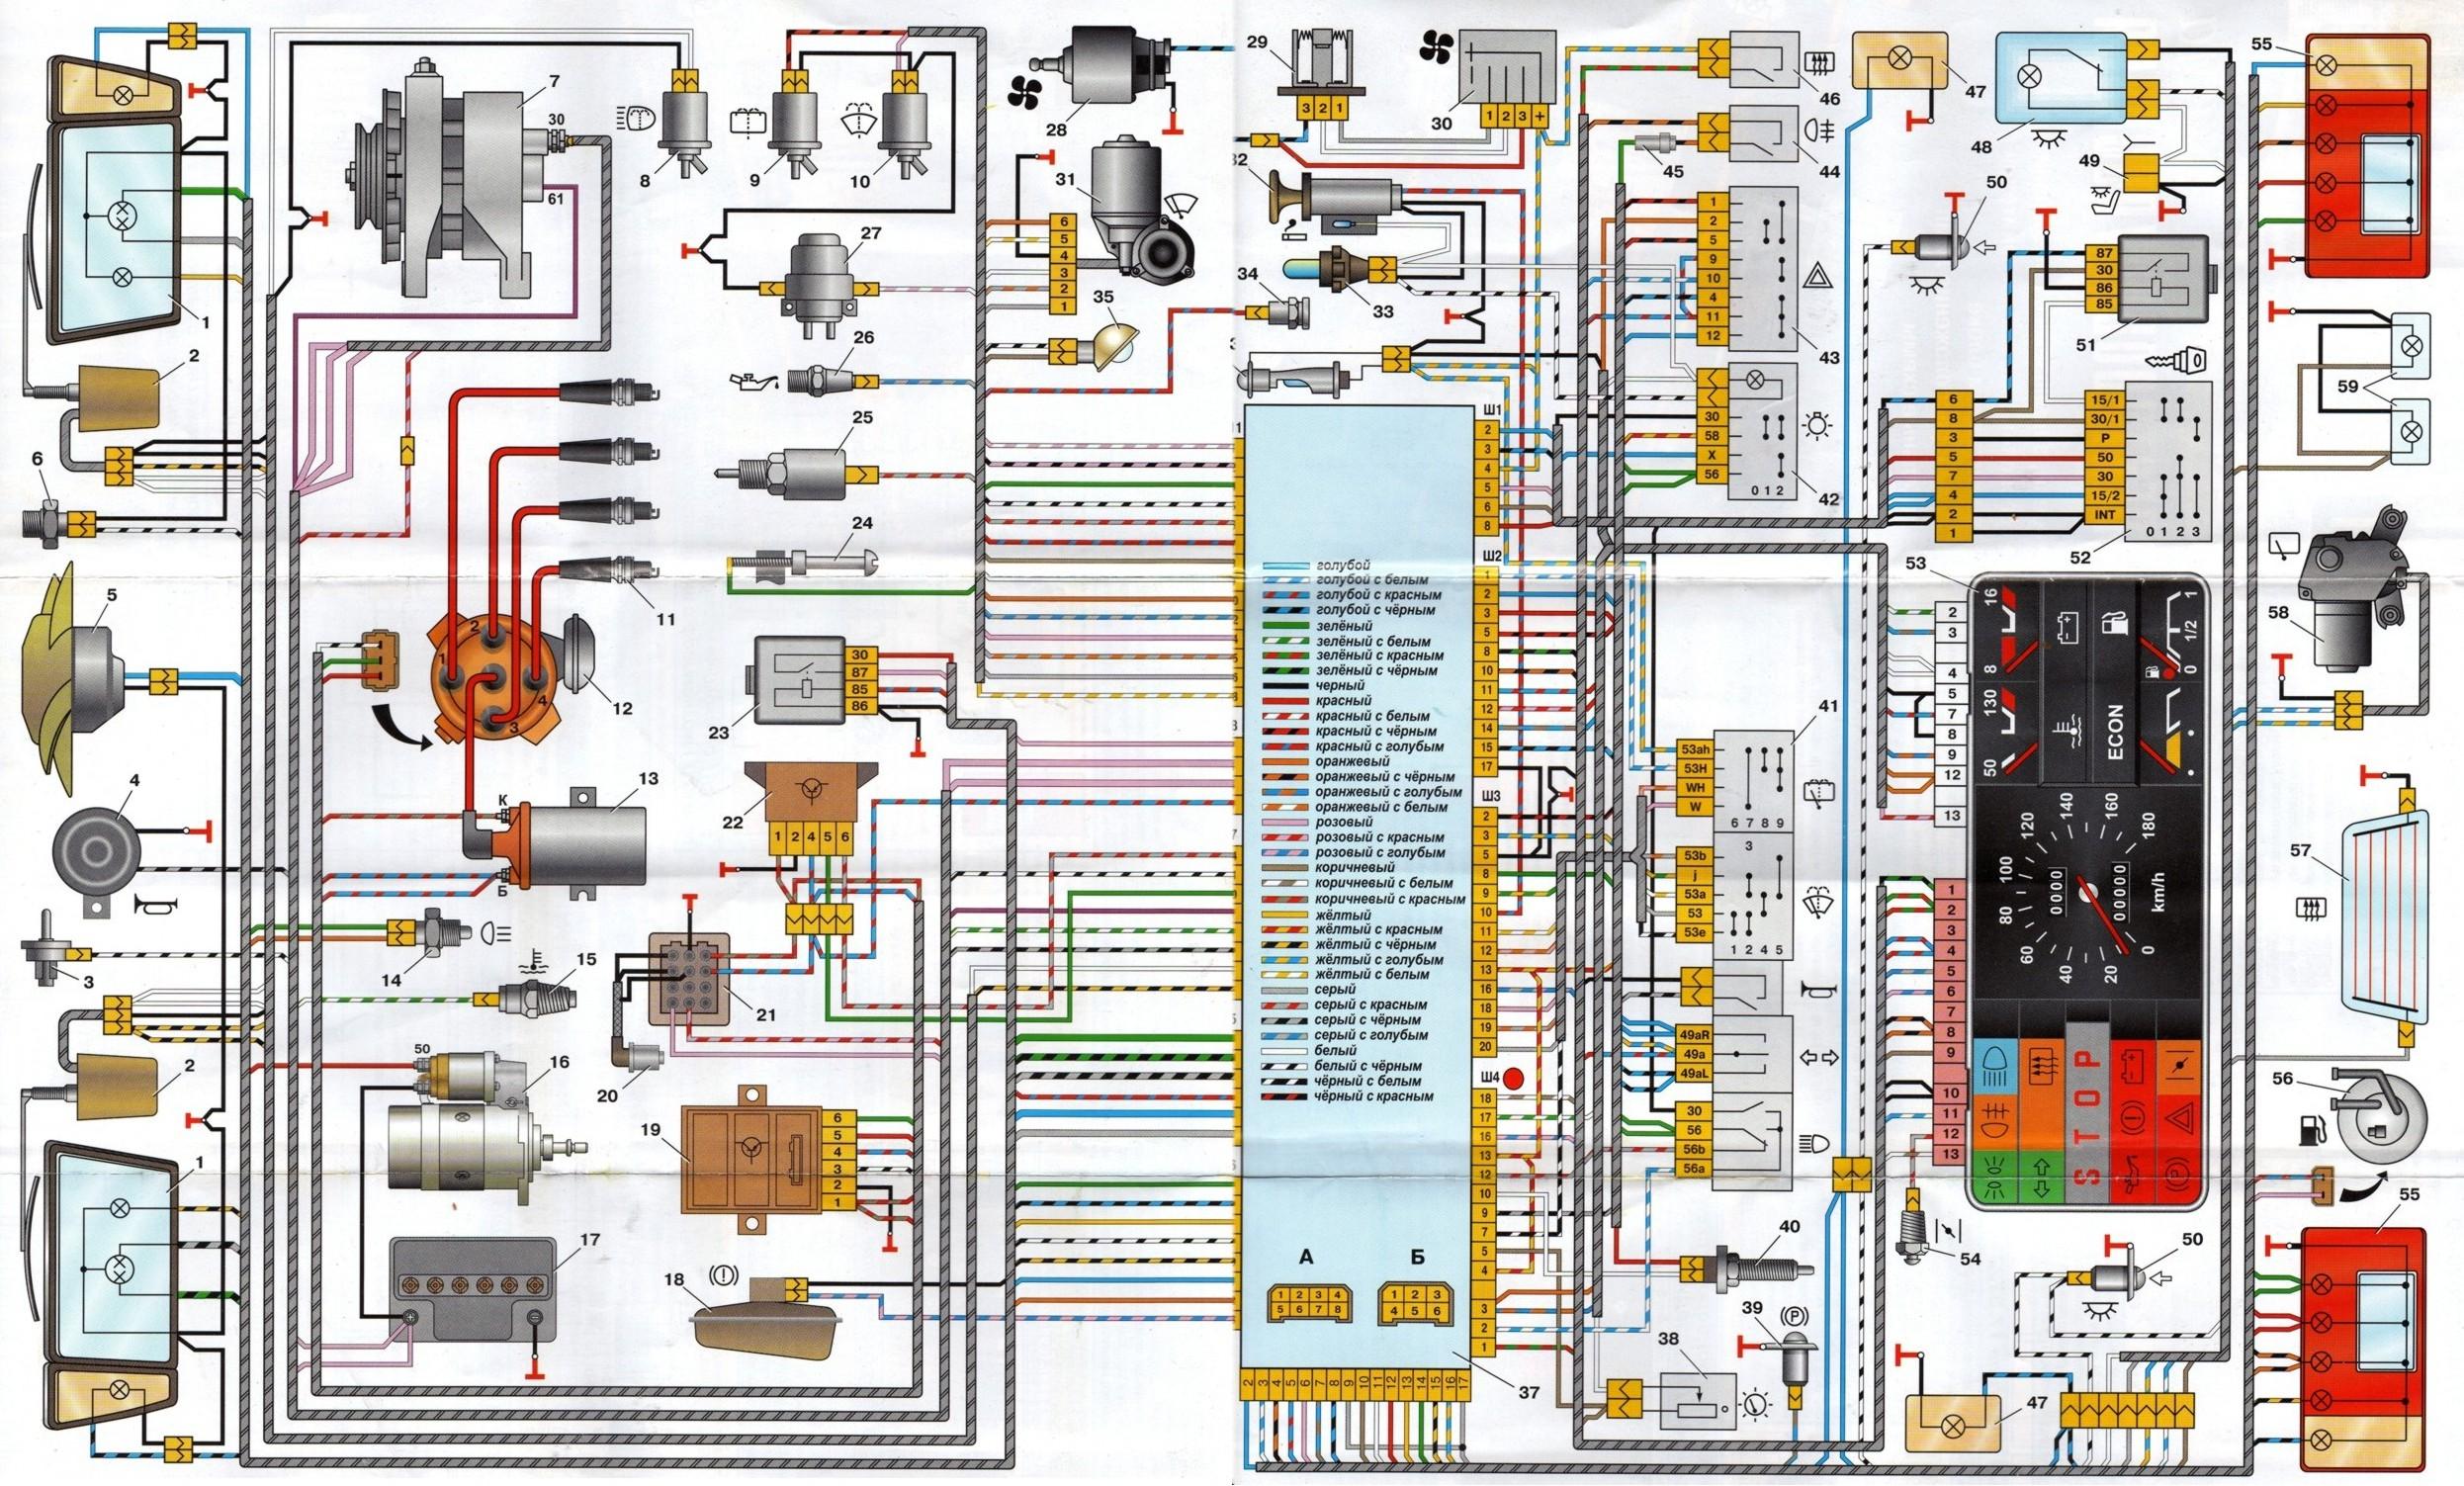 Основная схема электрооборудования на ВАЗ 21099.